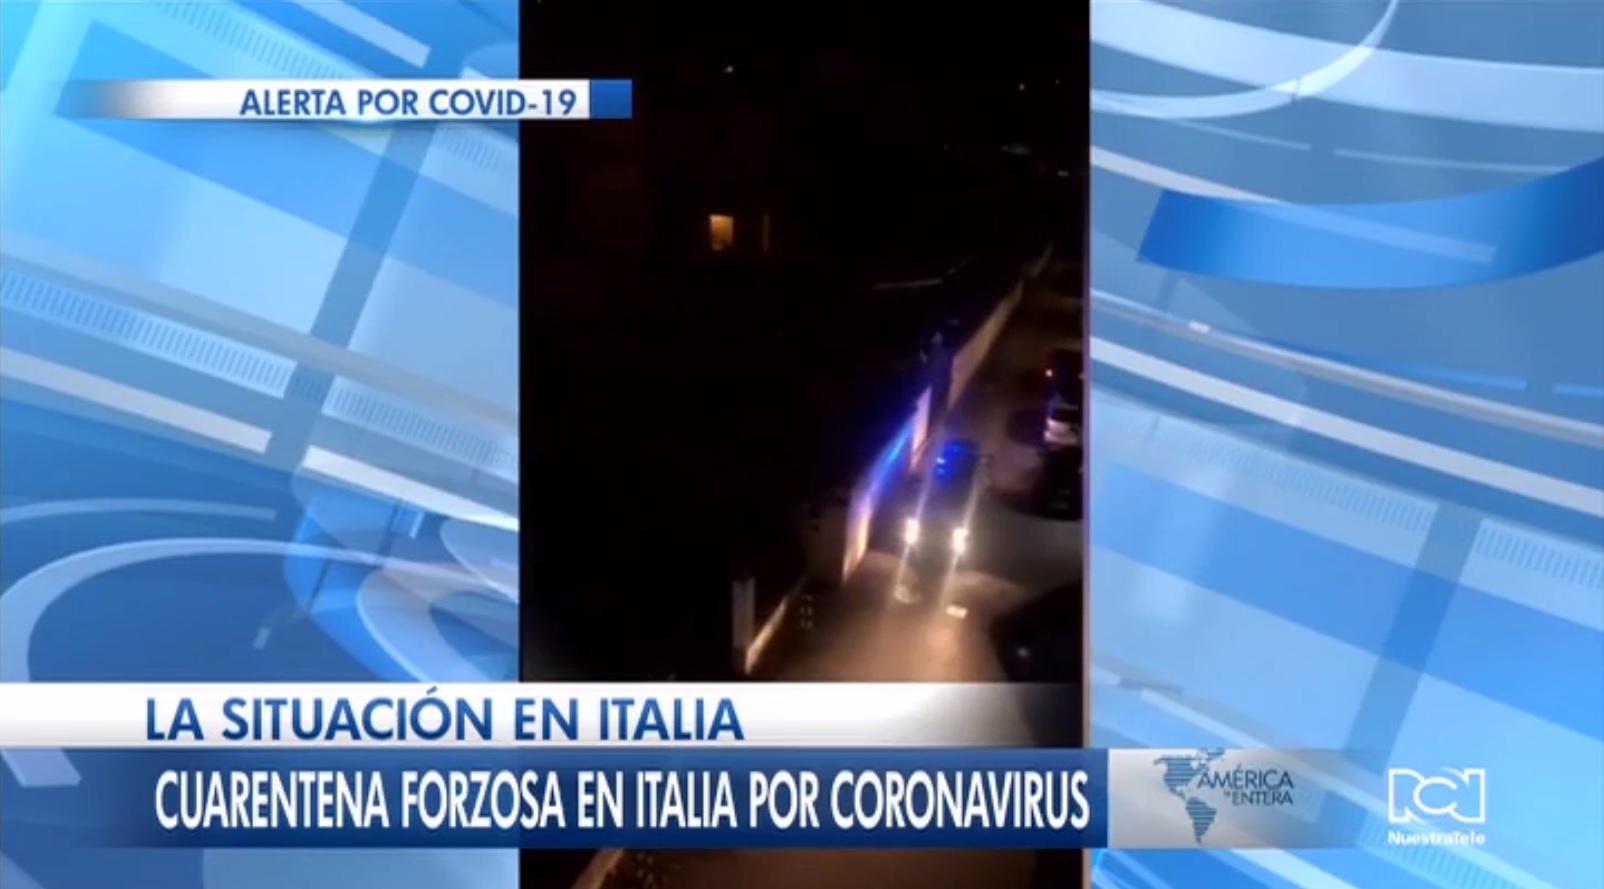 Así se vive la cuarentena forzosa en Italia por el coronavirus